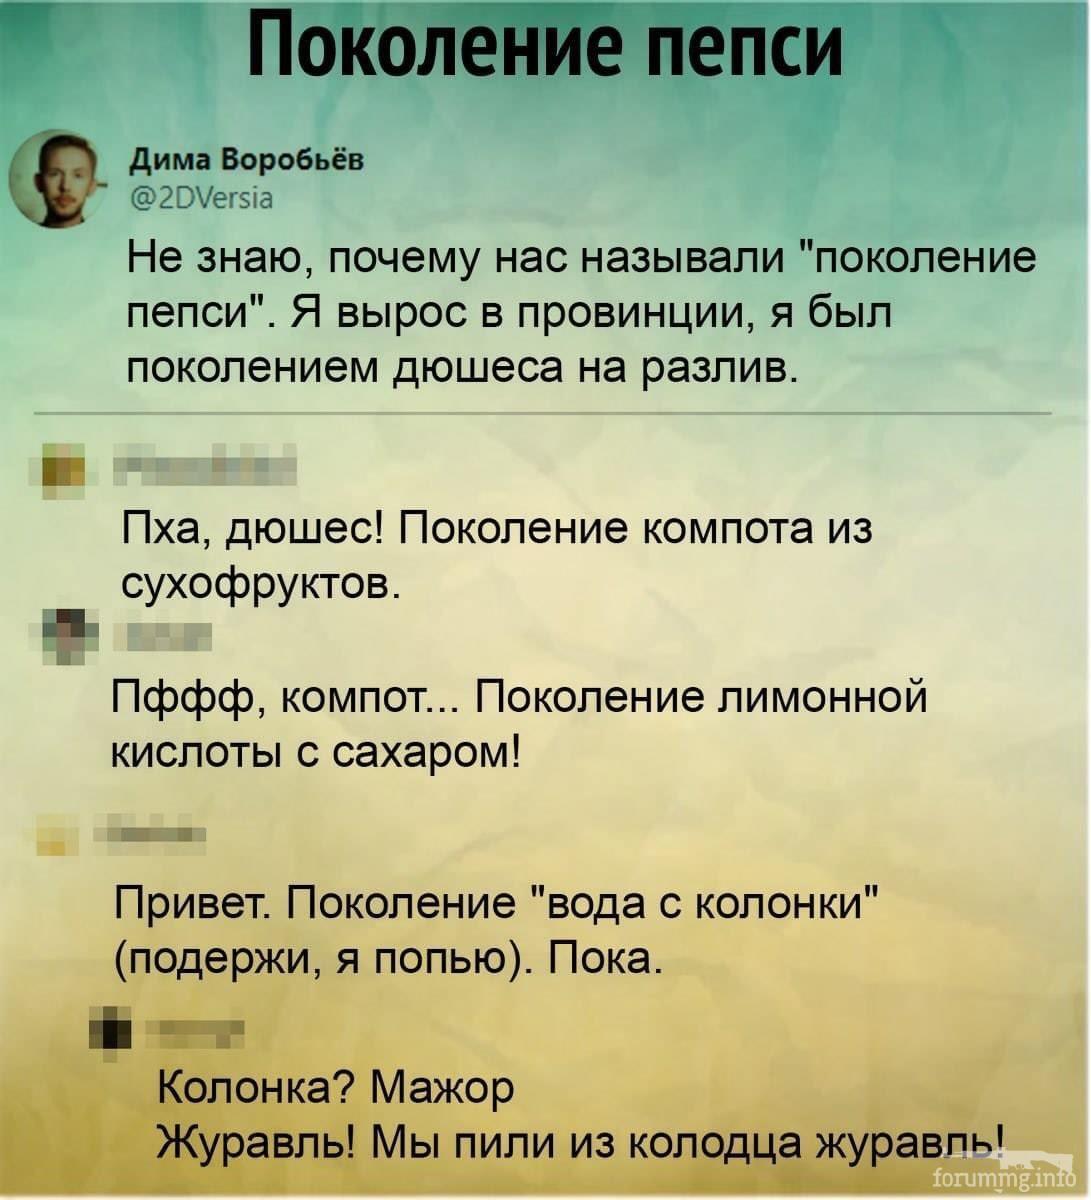 115893 - Тема воспоминаний о юности )))